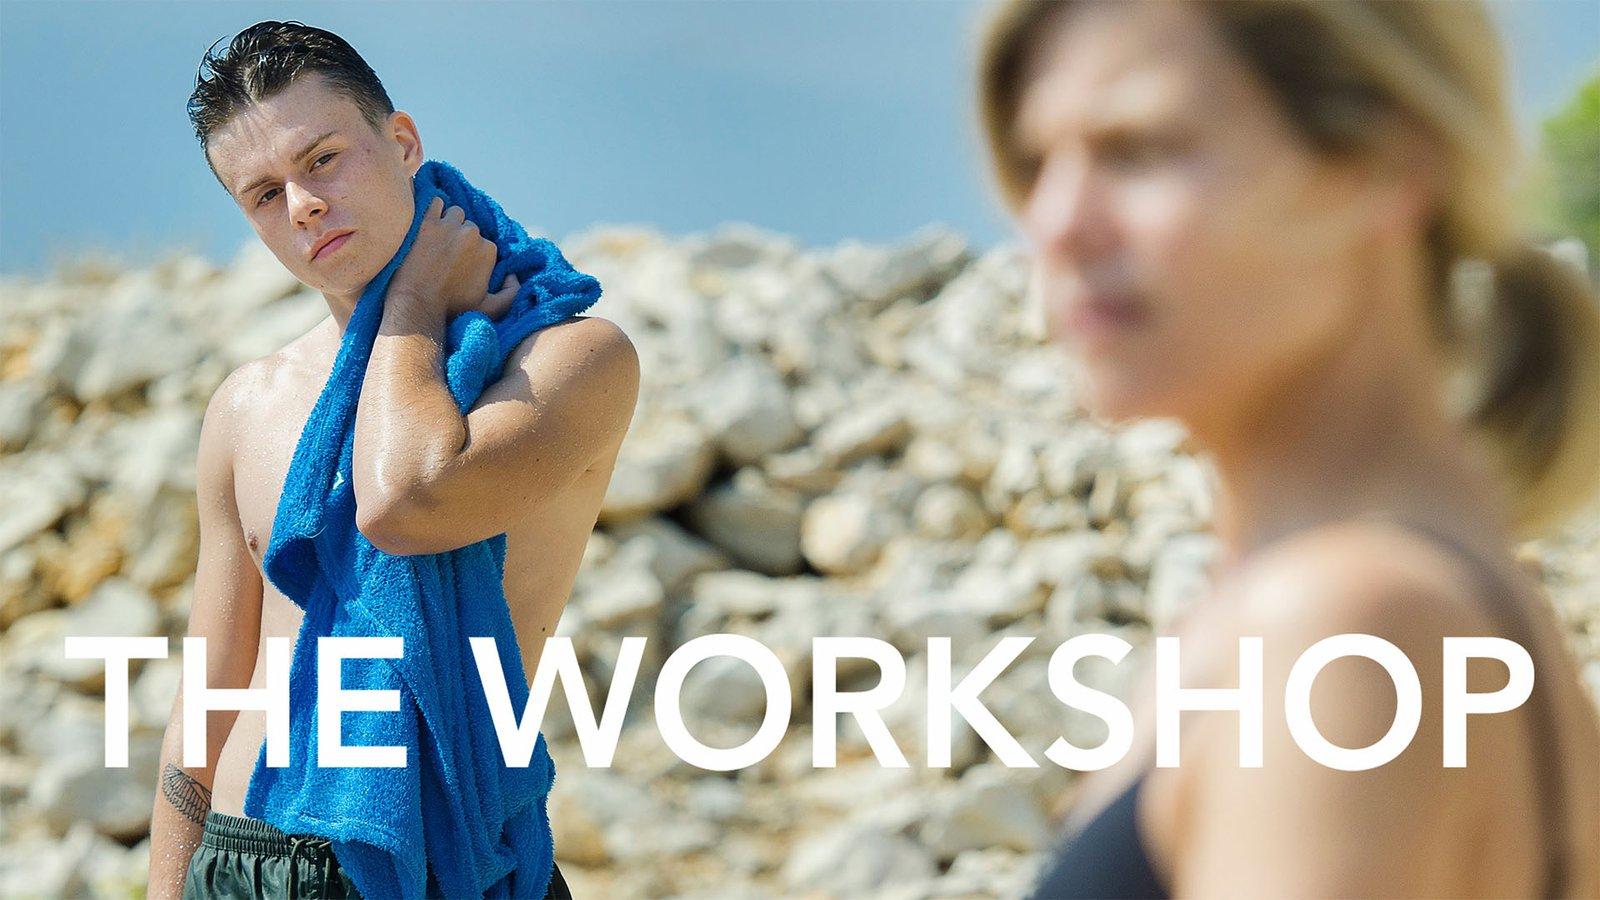 The Workshop - L'atelier